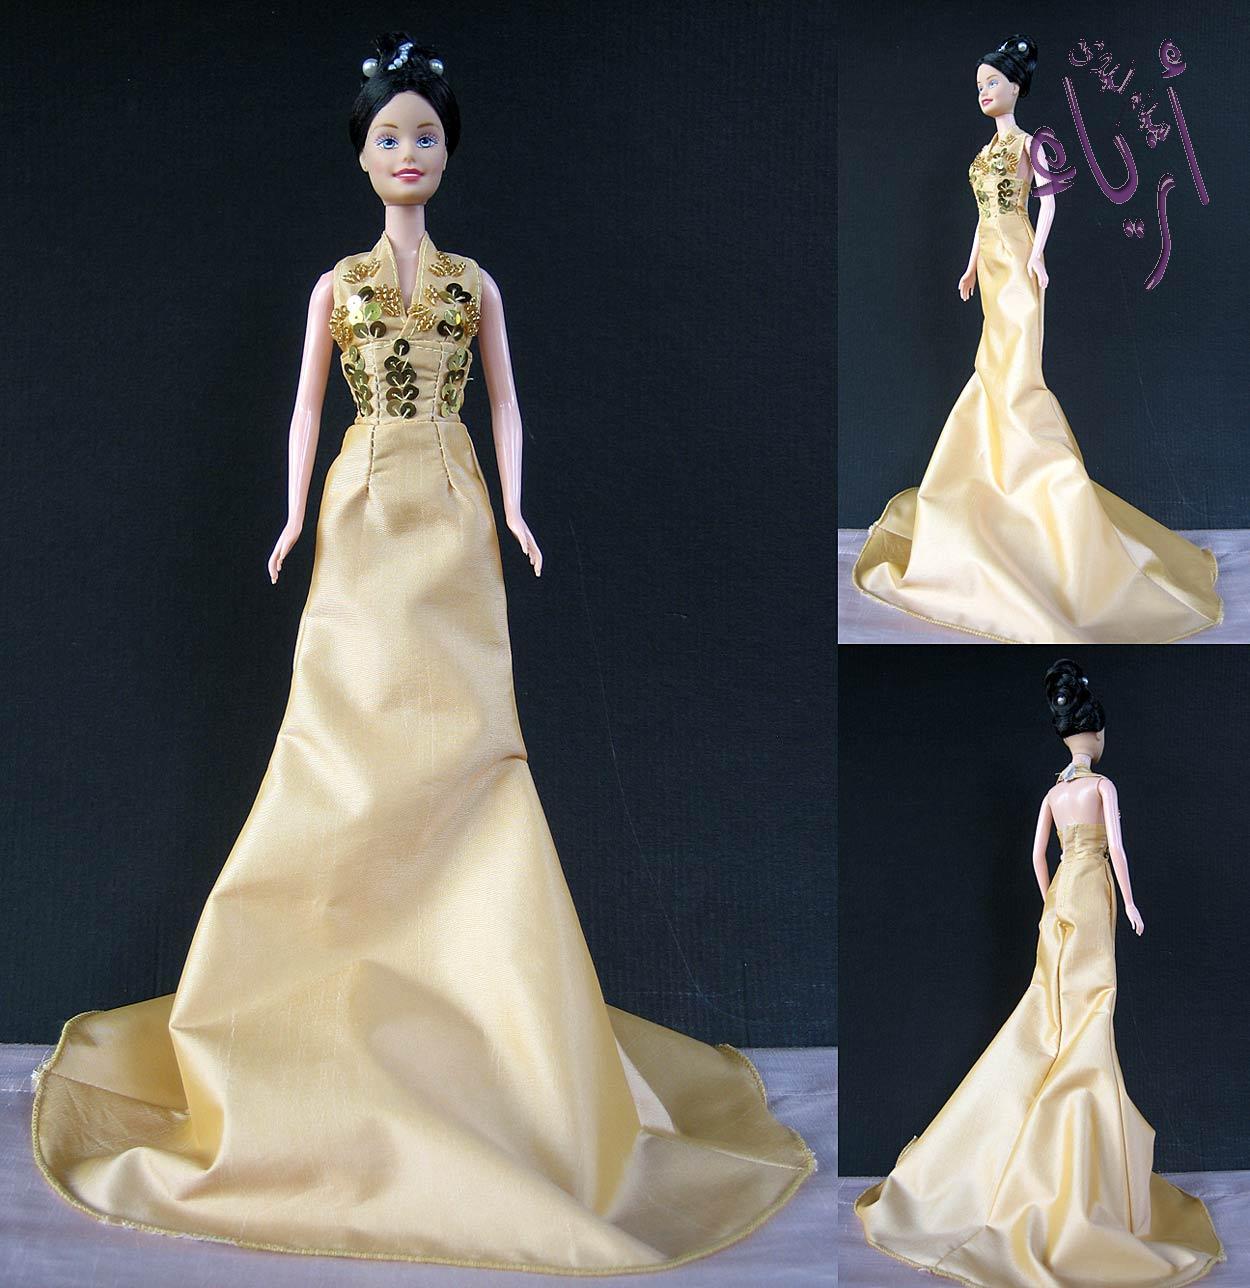 بالصور فساتين باربي , اروع تشكيلة من الفساتين 994 8